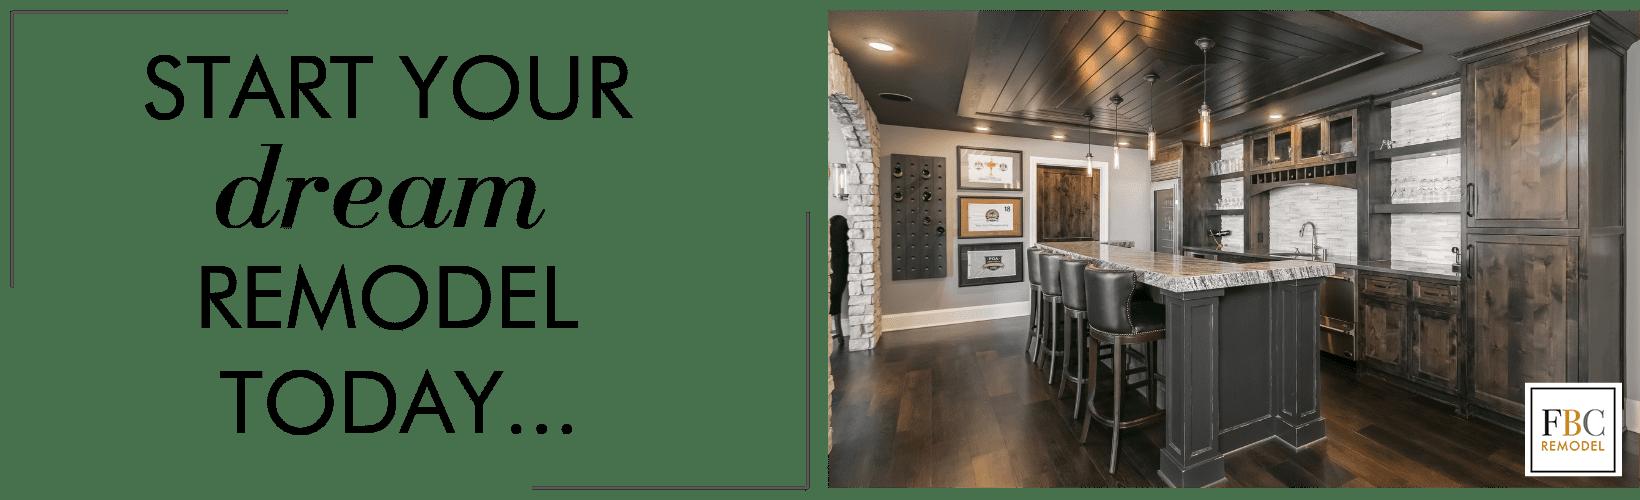 remodel for basement in naperville   fbc remodel